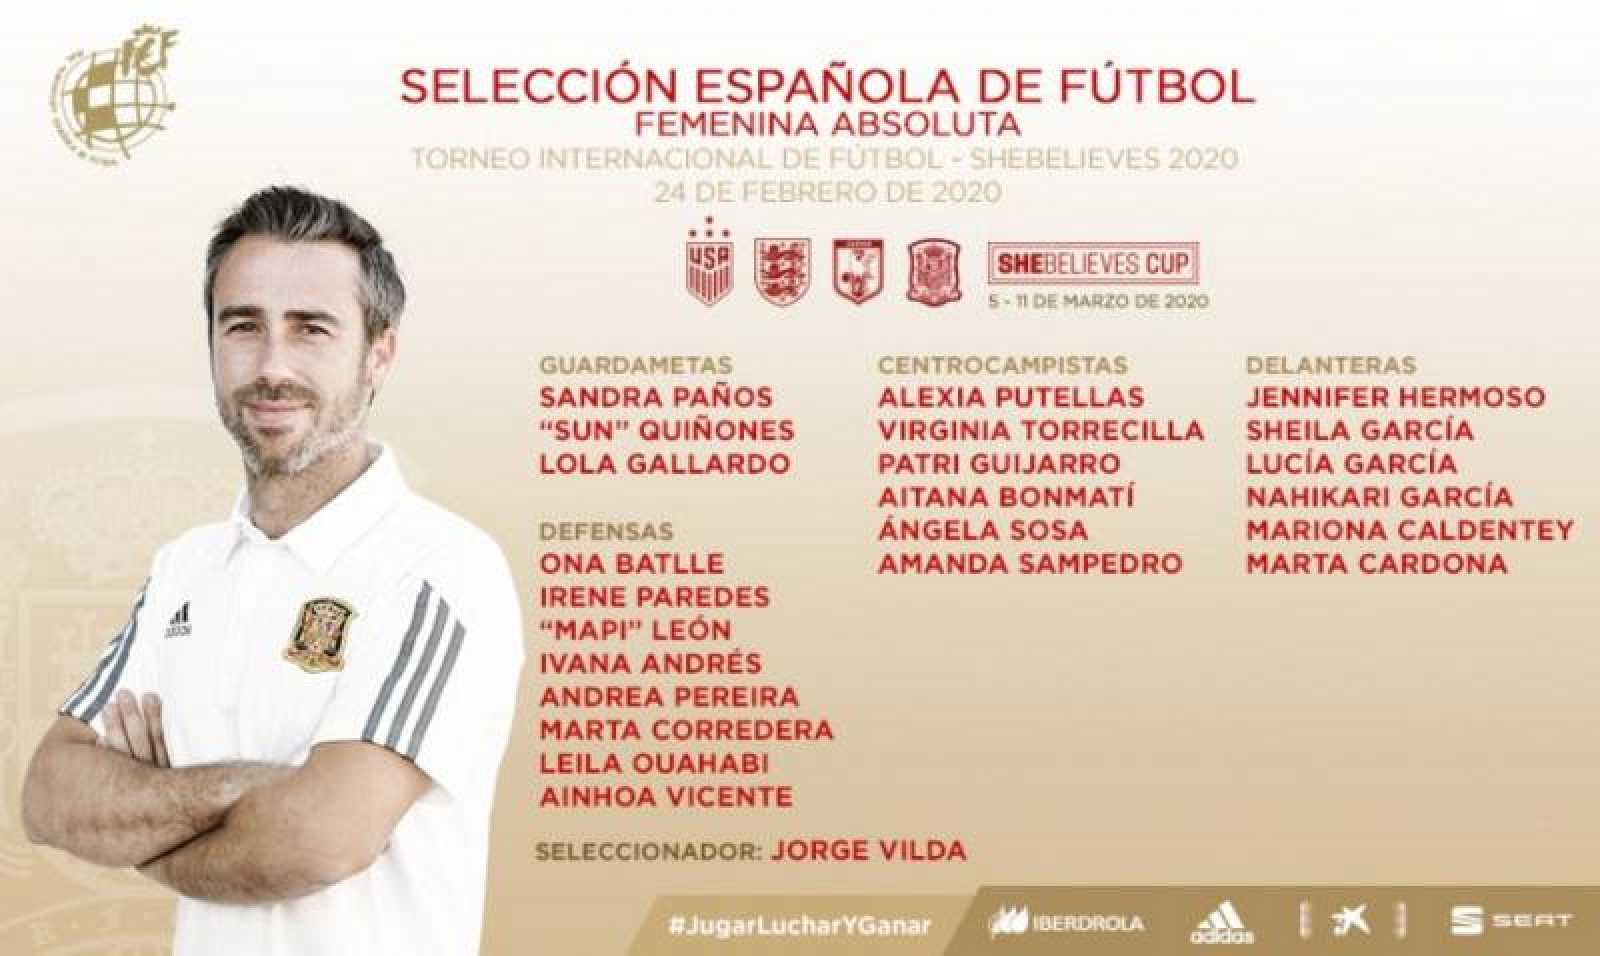 Imagen de la convocatoria de la selección española femenina de fútbol.